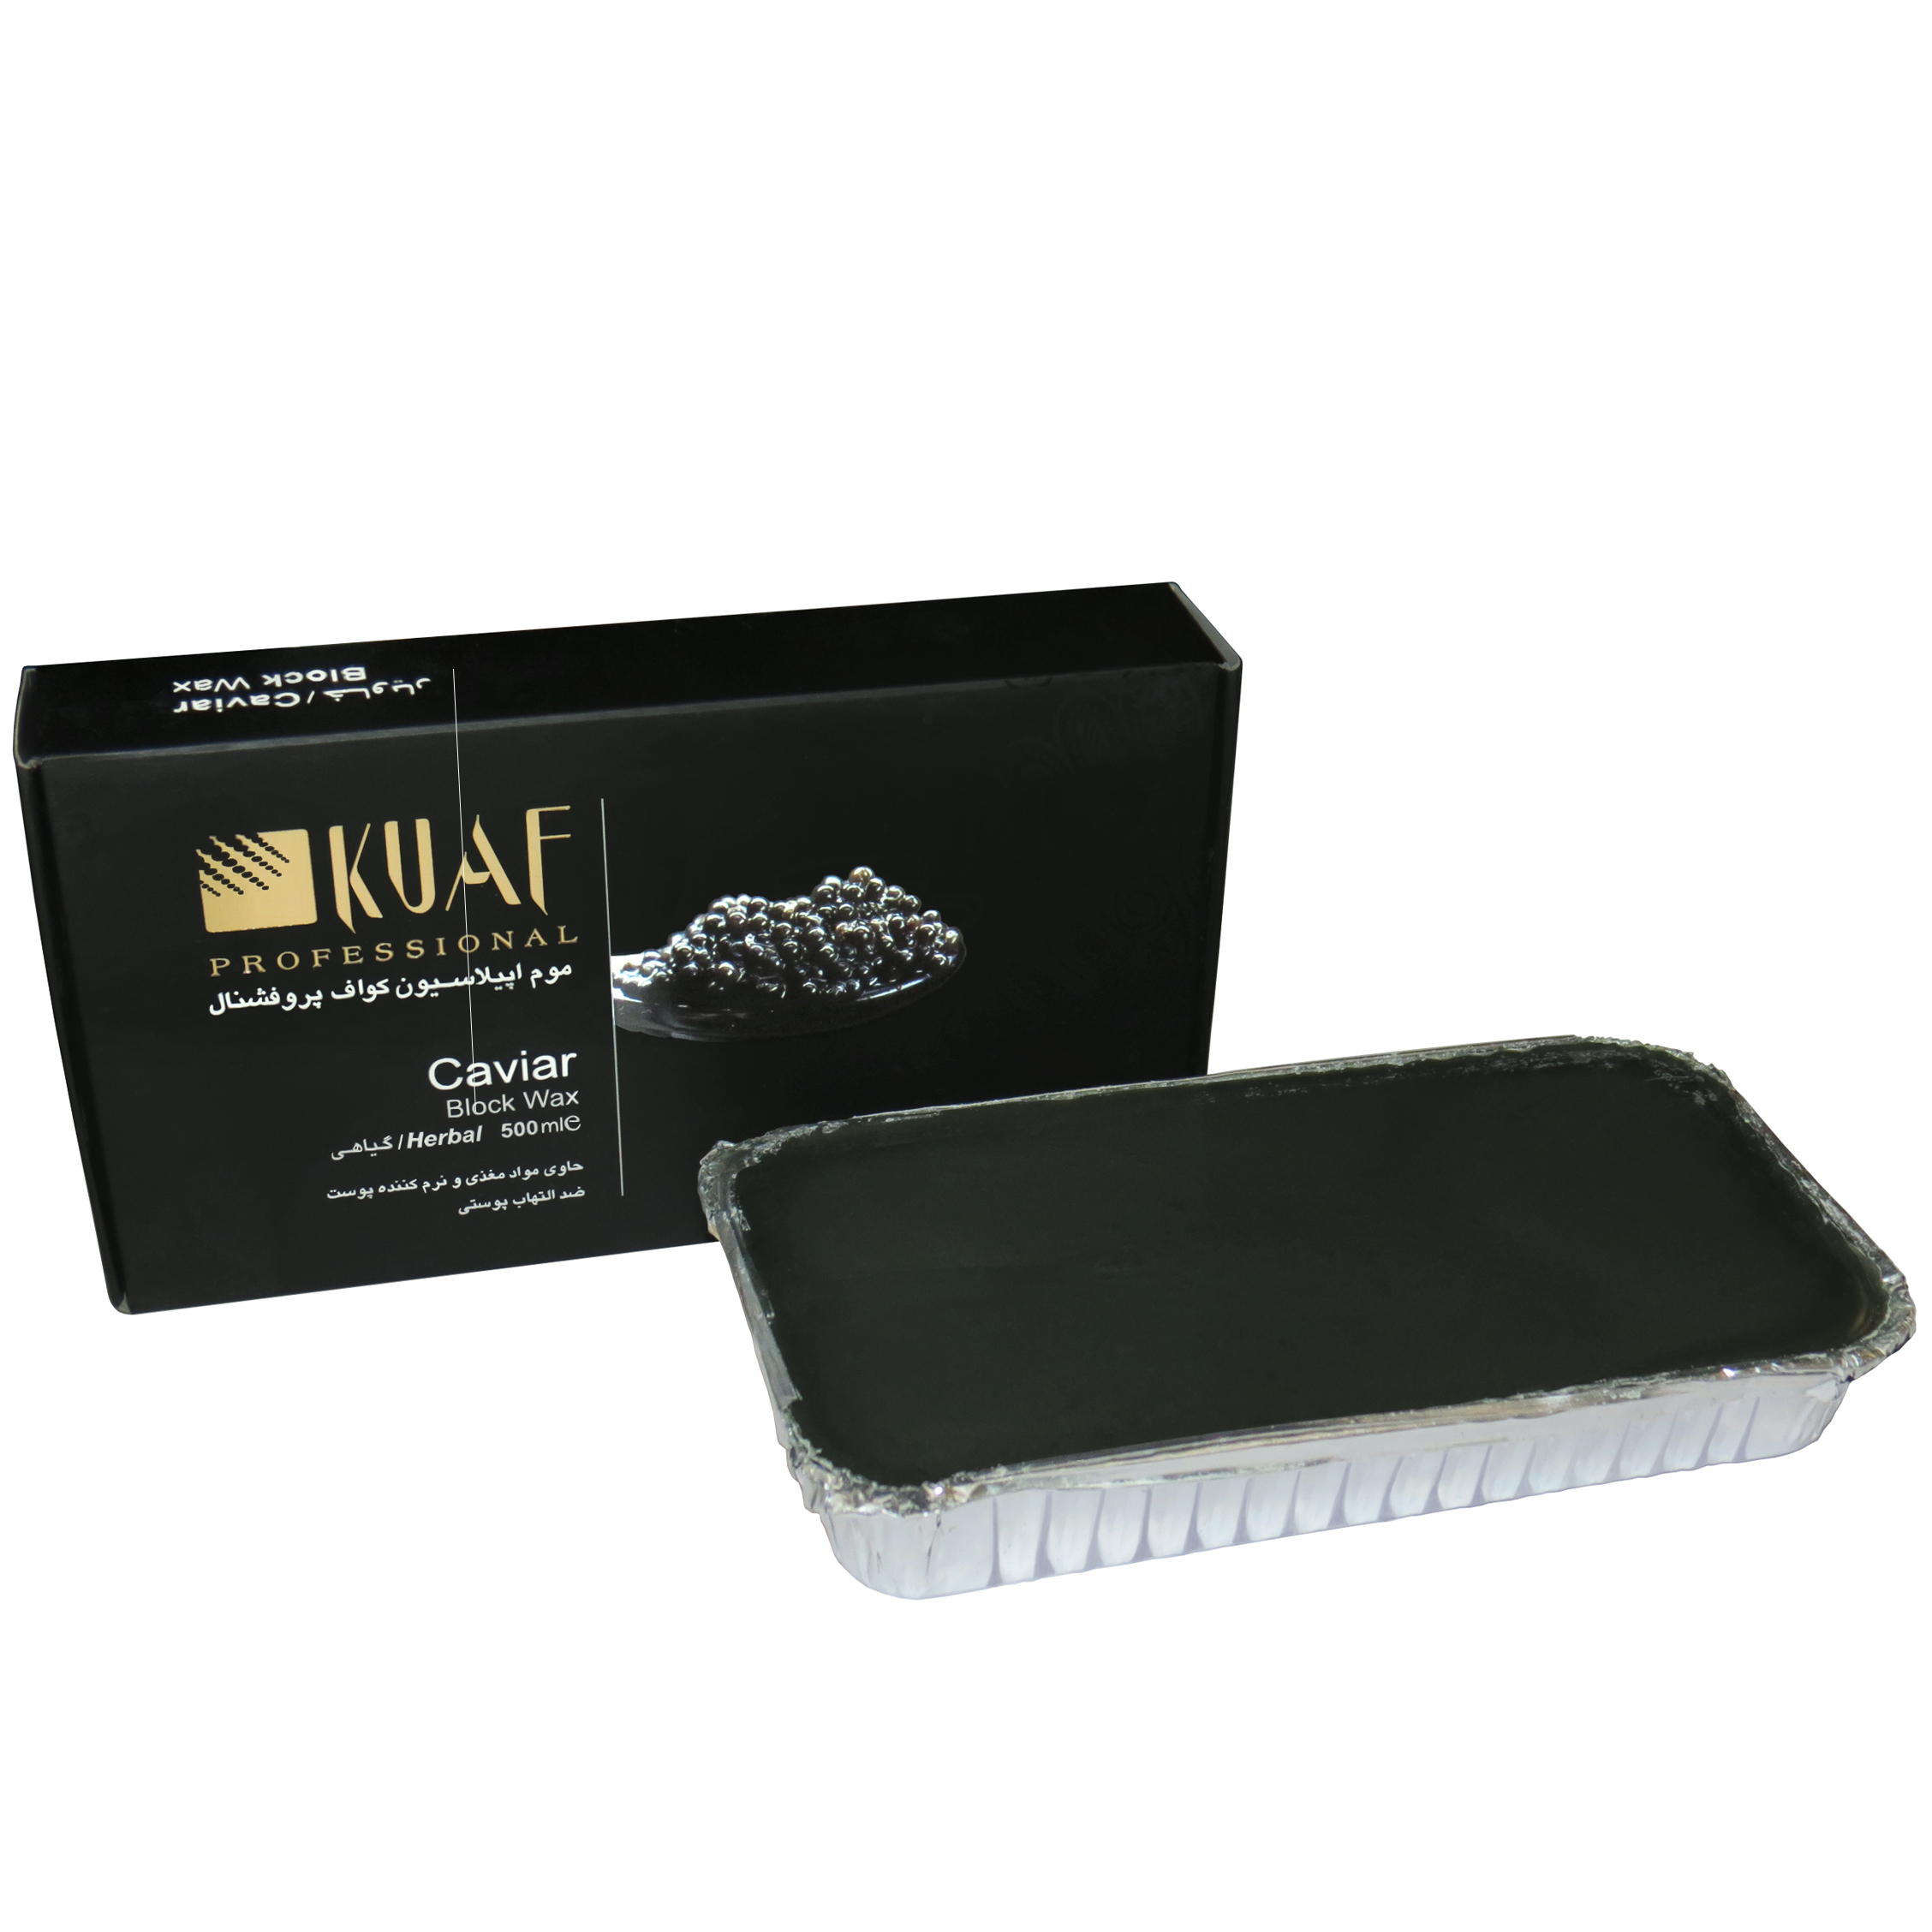 خرید                      وکس موبر کواف مدل Caviar حجم 500 میلی لیتر              ✅